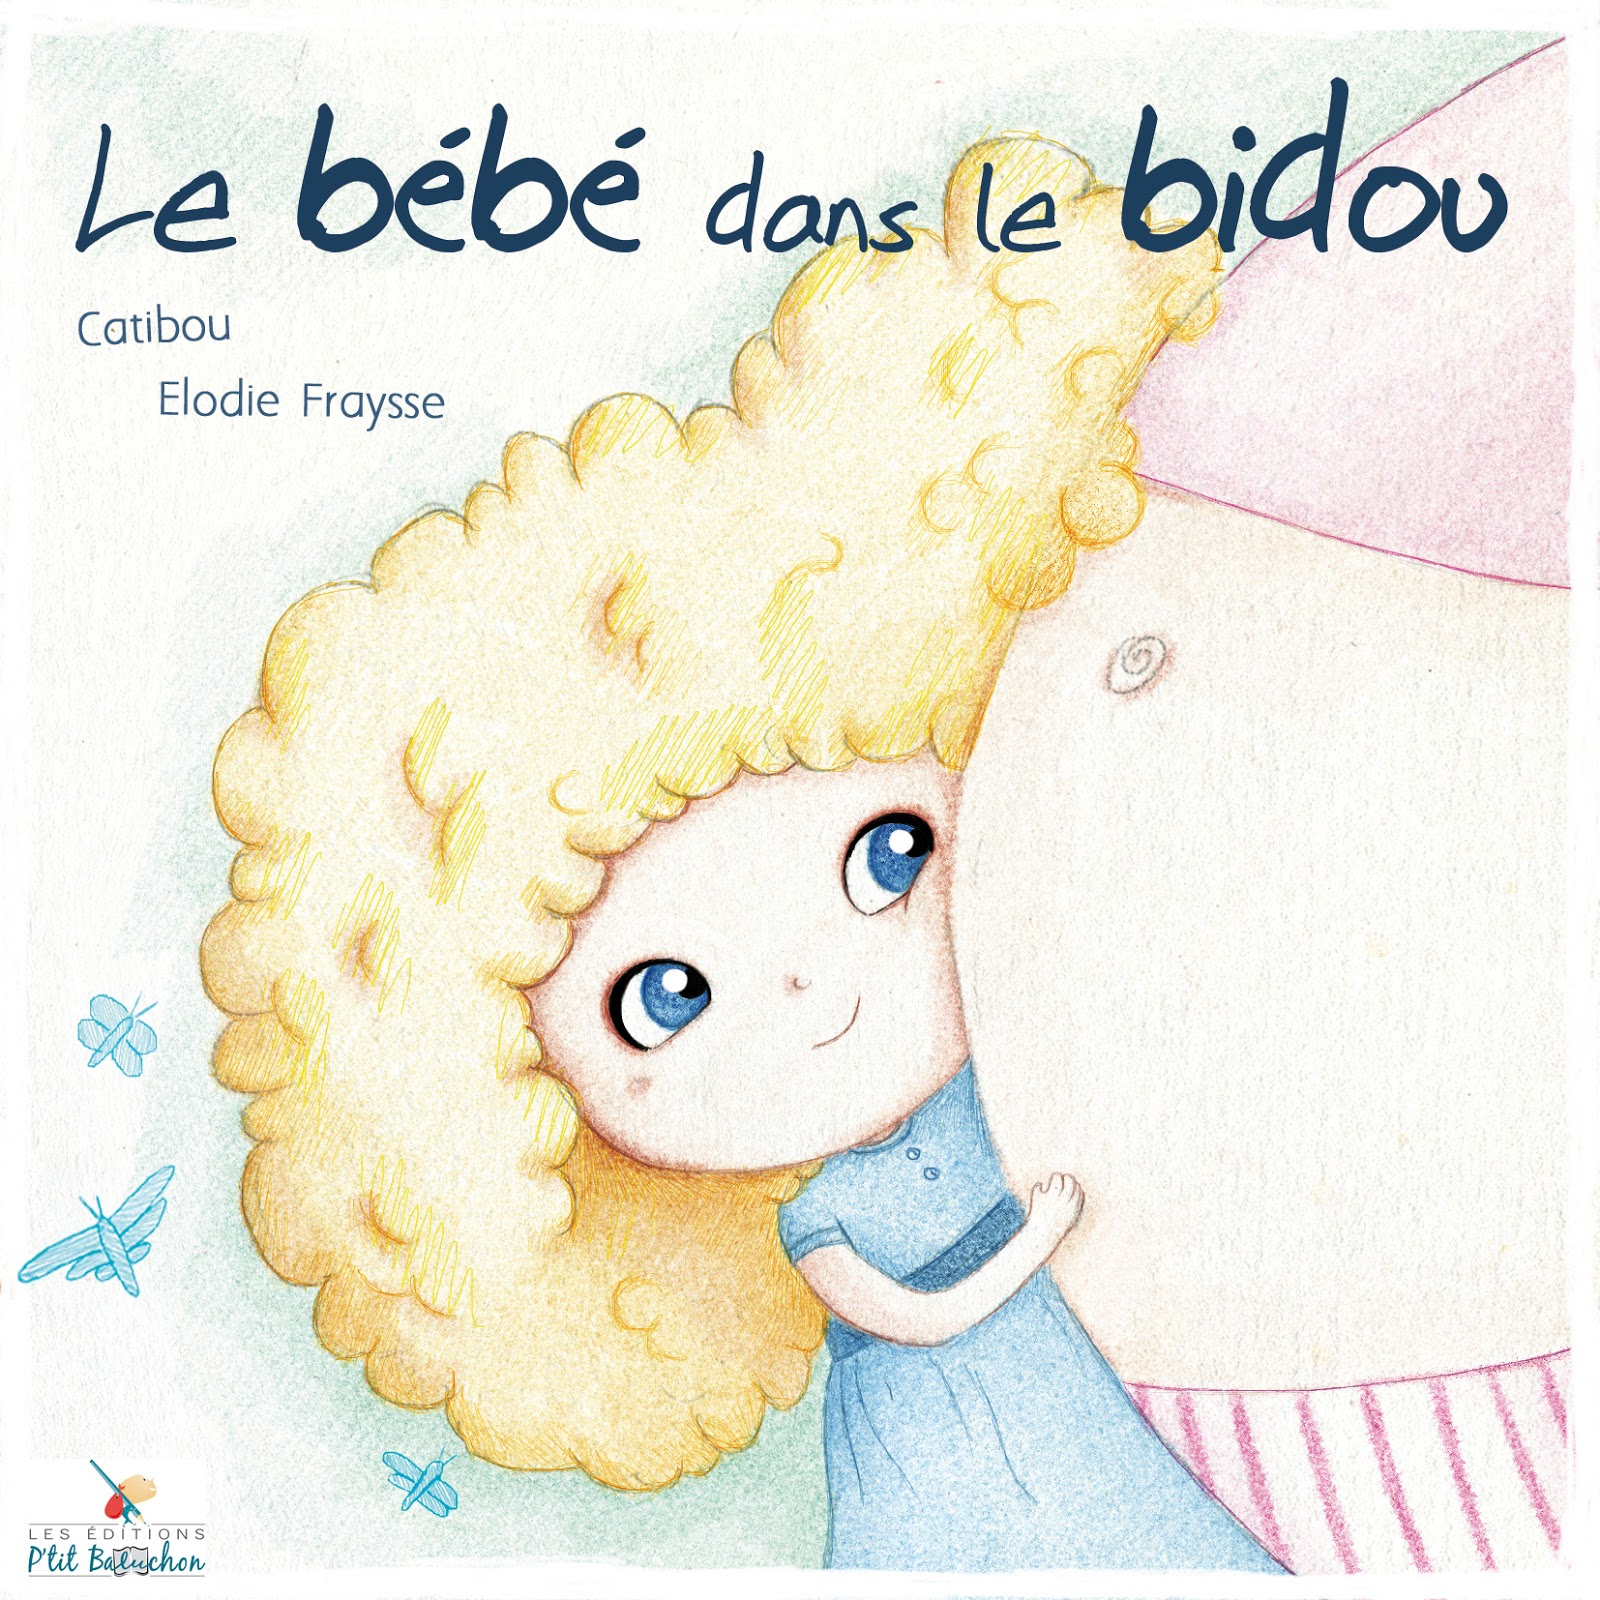 http://www.editionsptitbaluchon.com/#!le-bb-dans-le-bidou/c1zl9